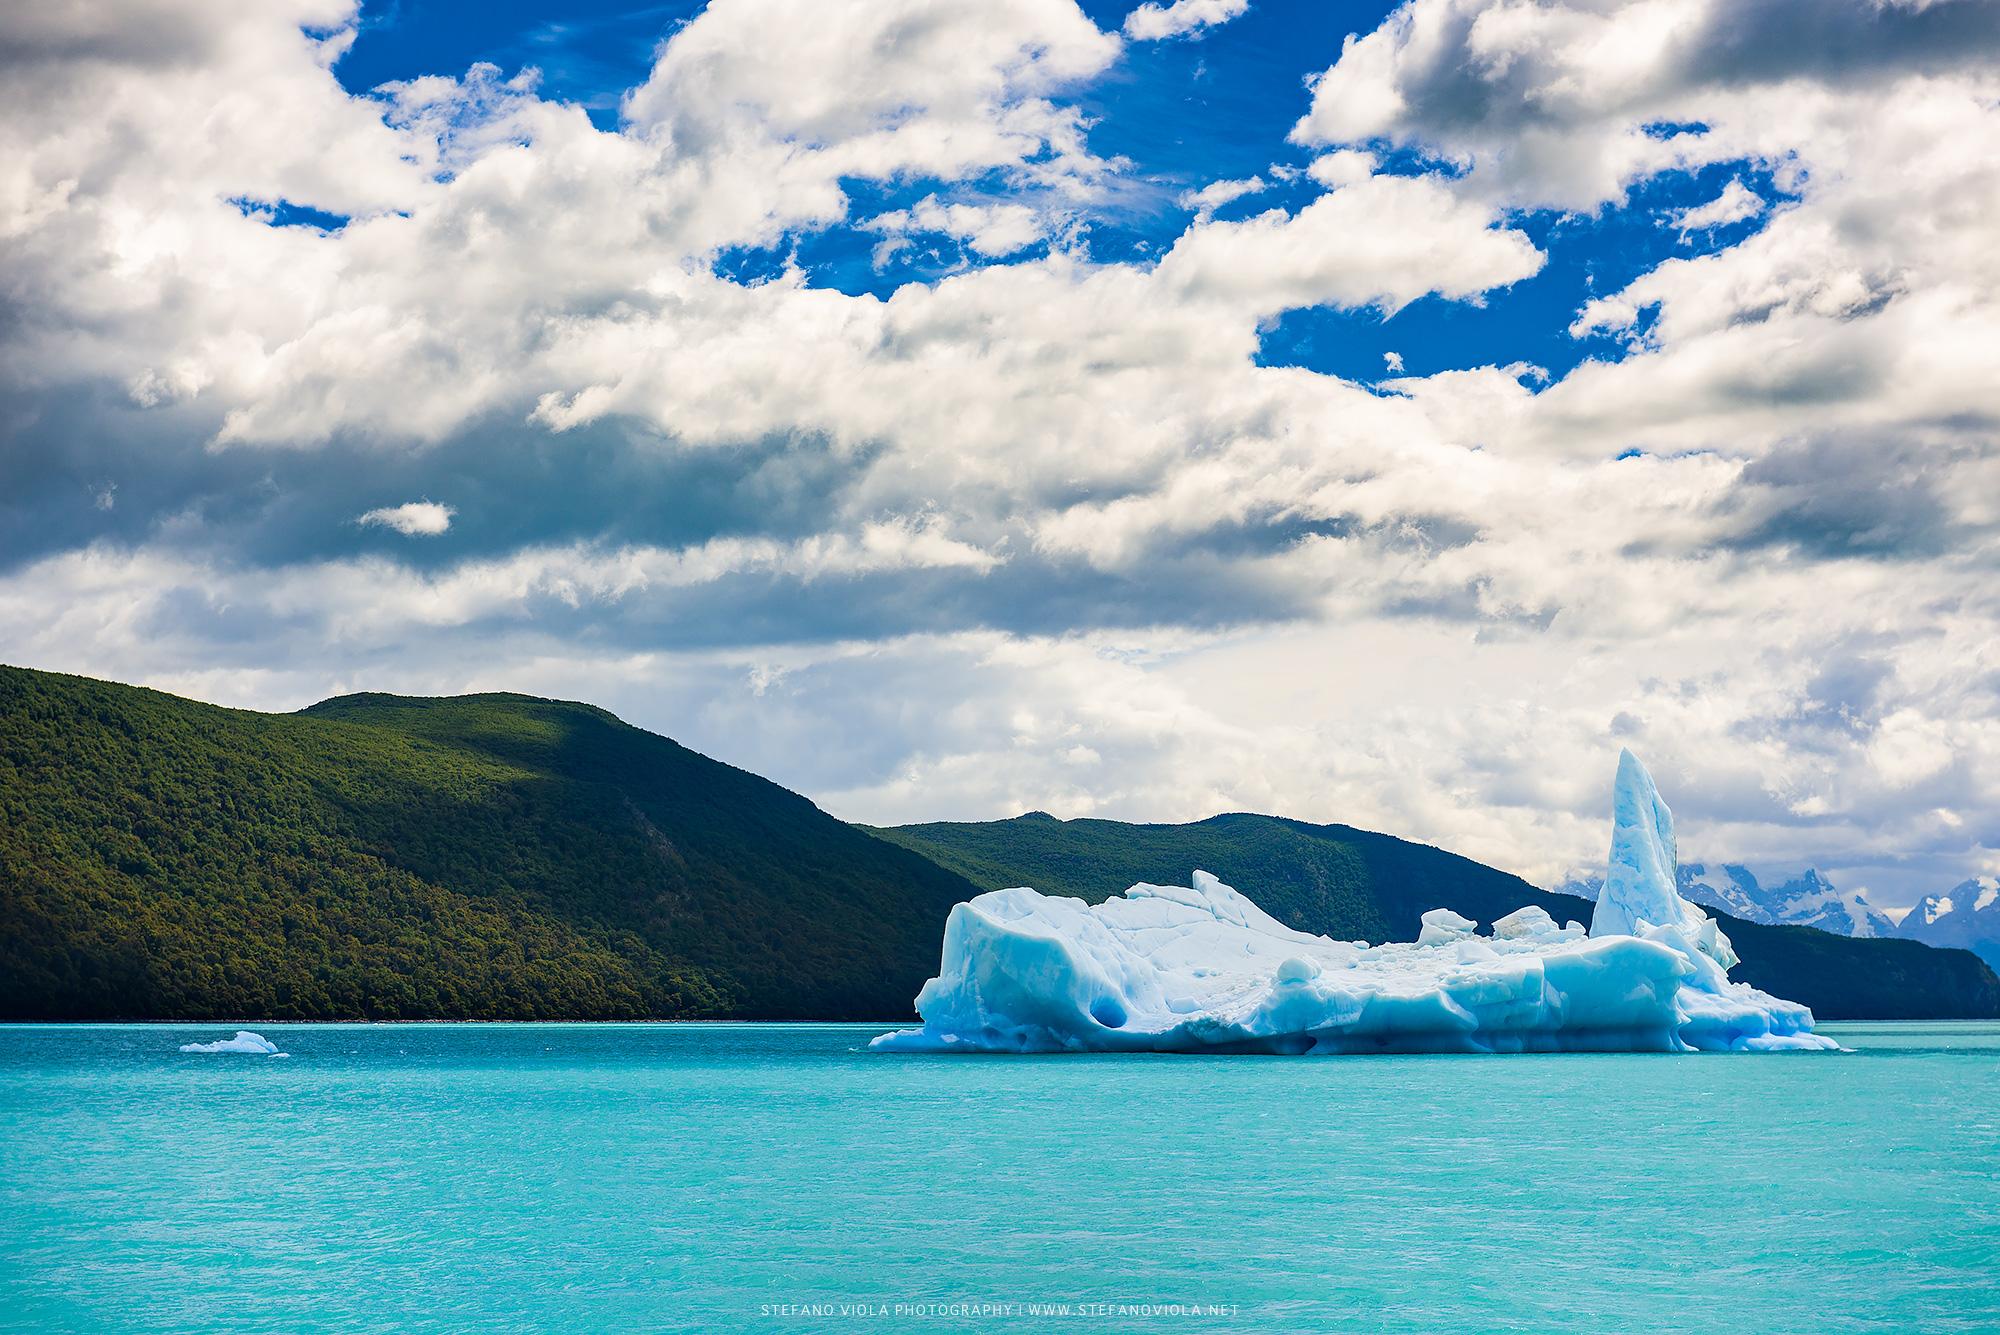 An iceberg at Los Glaciares National Park